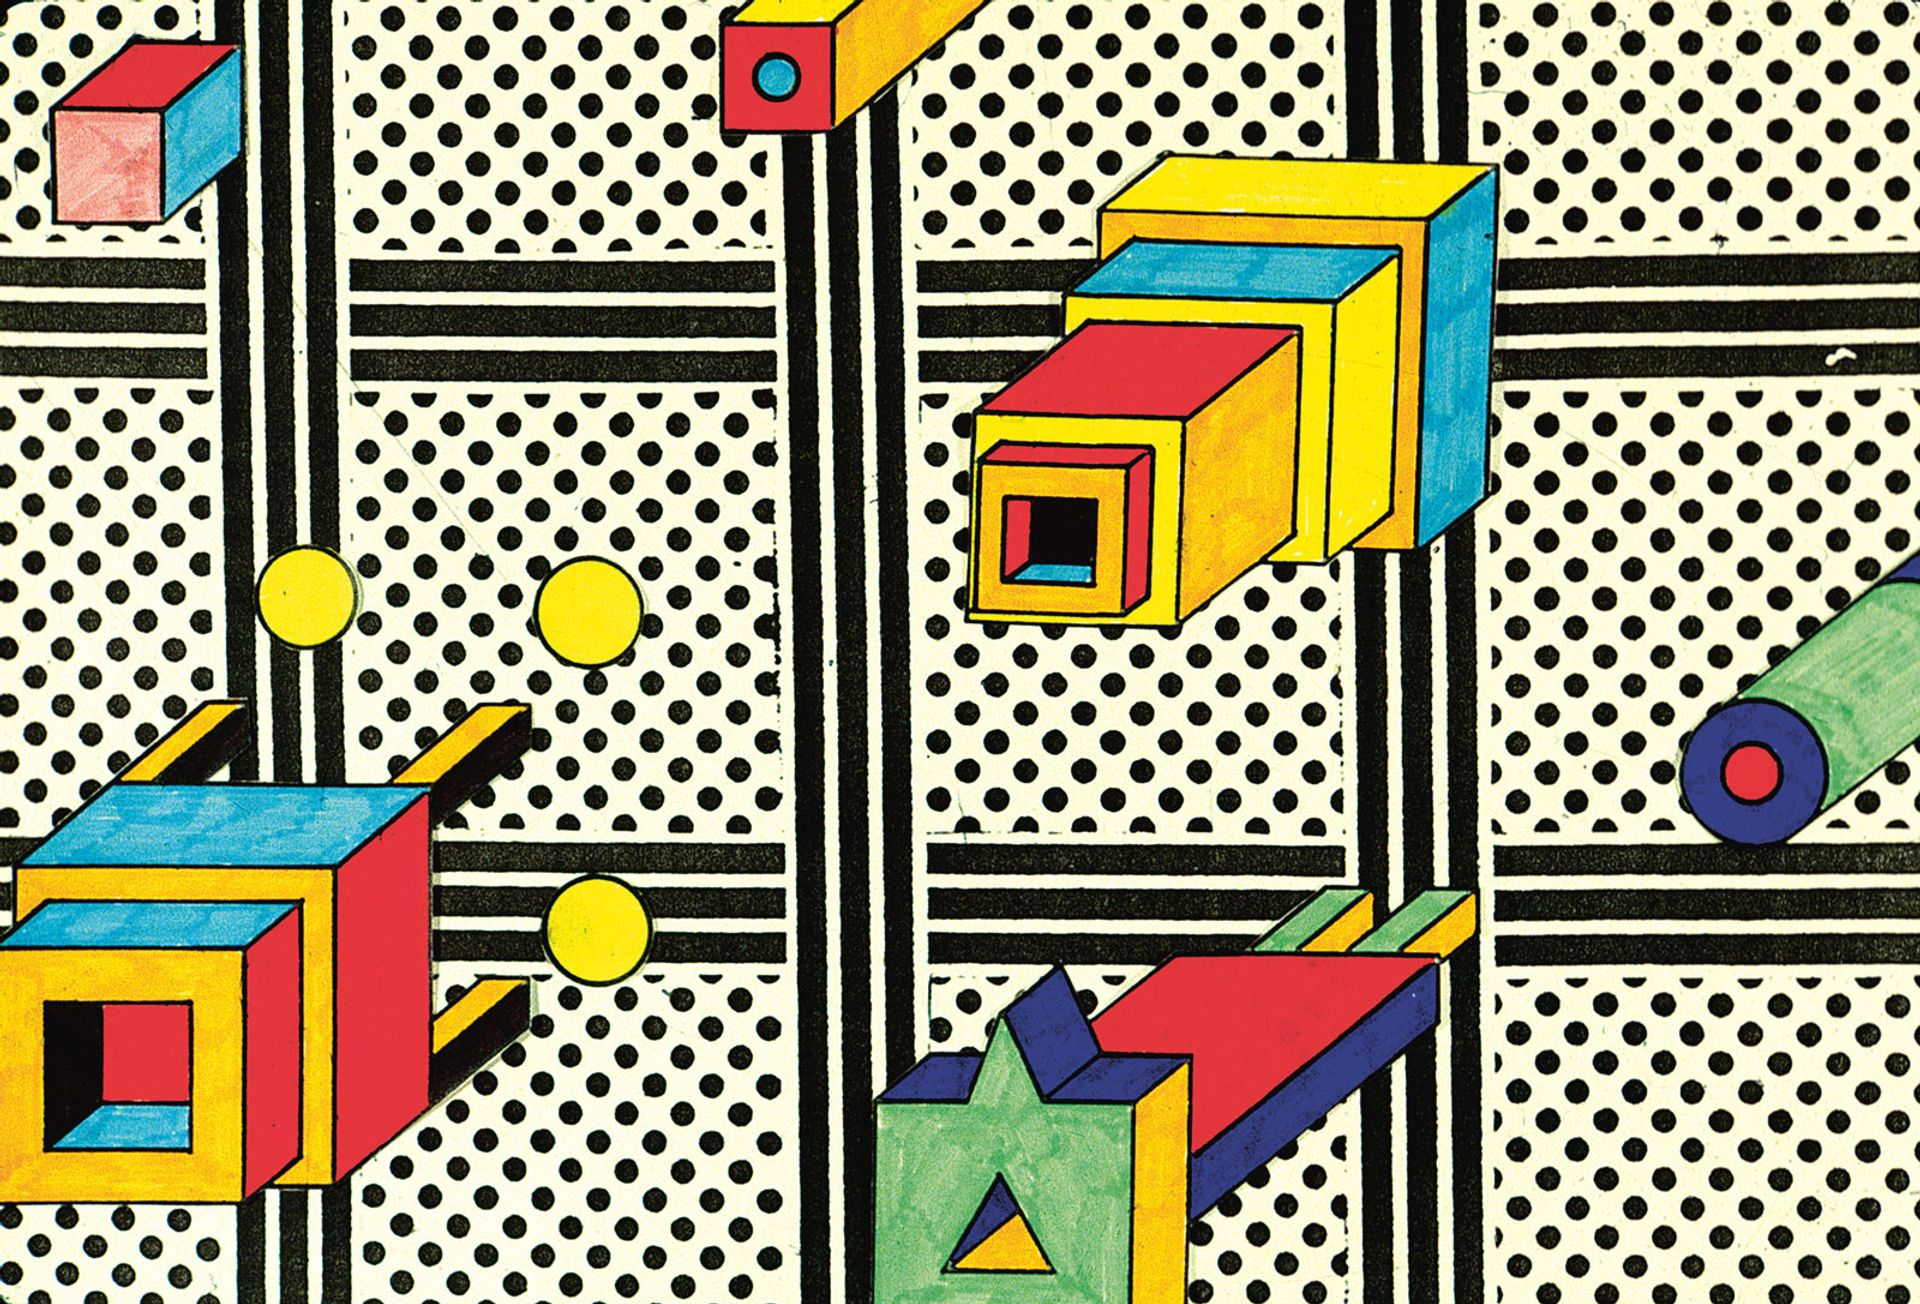 Nathalie du Pasquier, Untitled (around 1984), marker and collage Courtesy the artist. © Nathalie du Pasquier